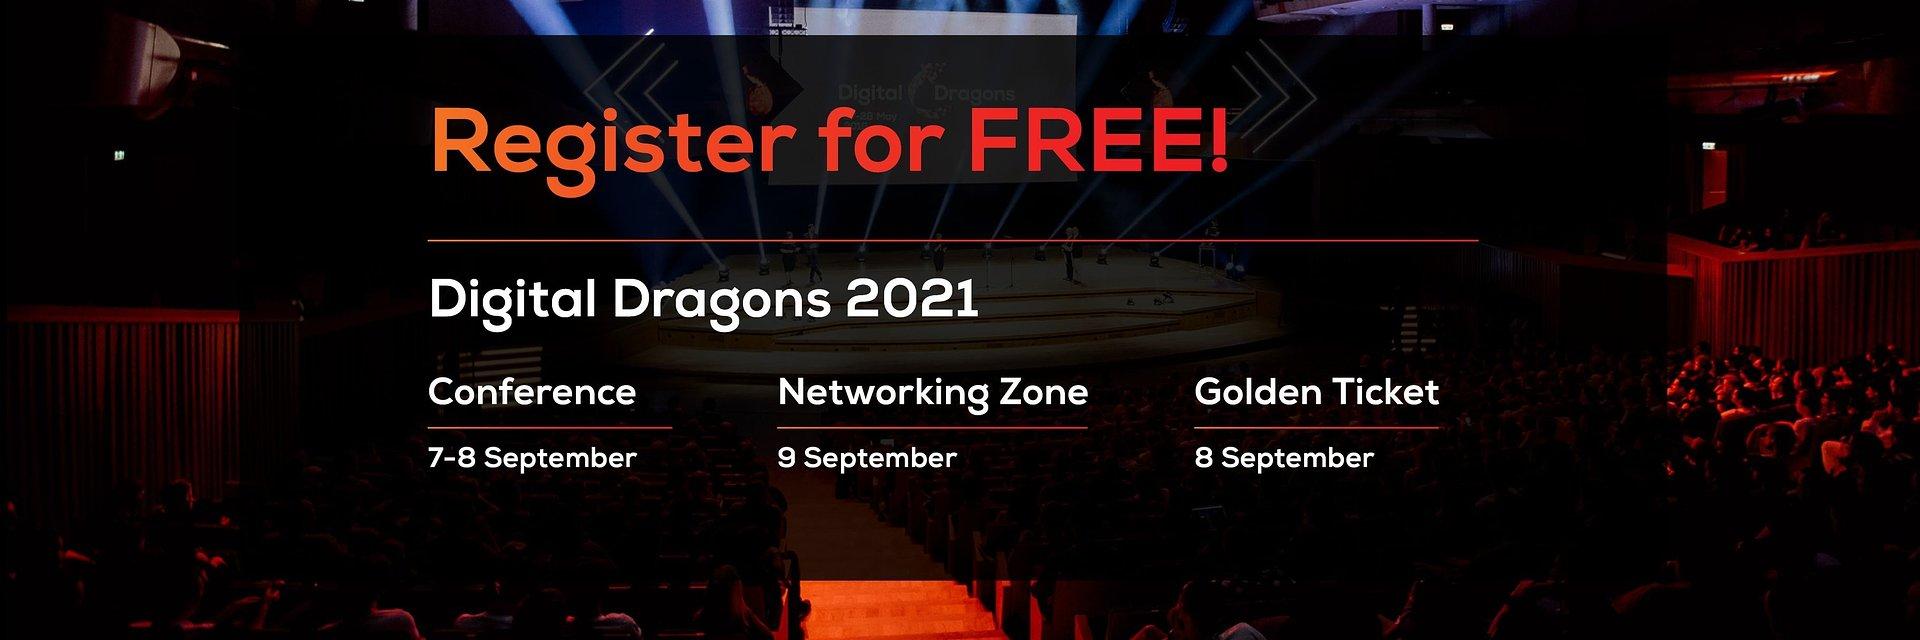 Już jutro rozpoczyna się konferencja branży gier Digital Dragons – weź udział za darmo!